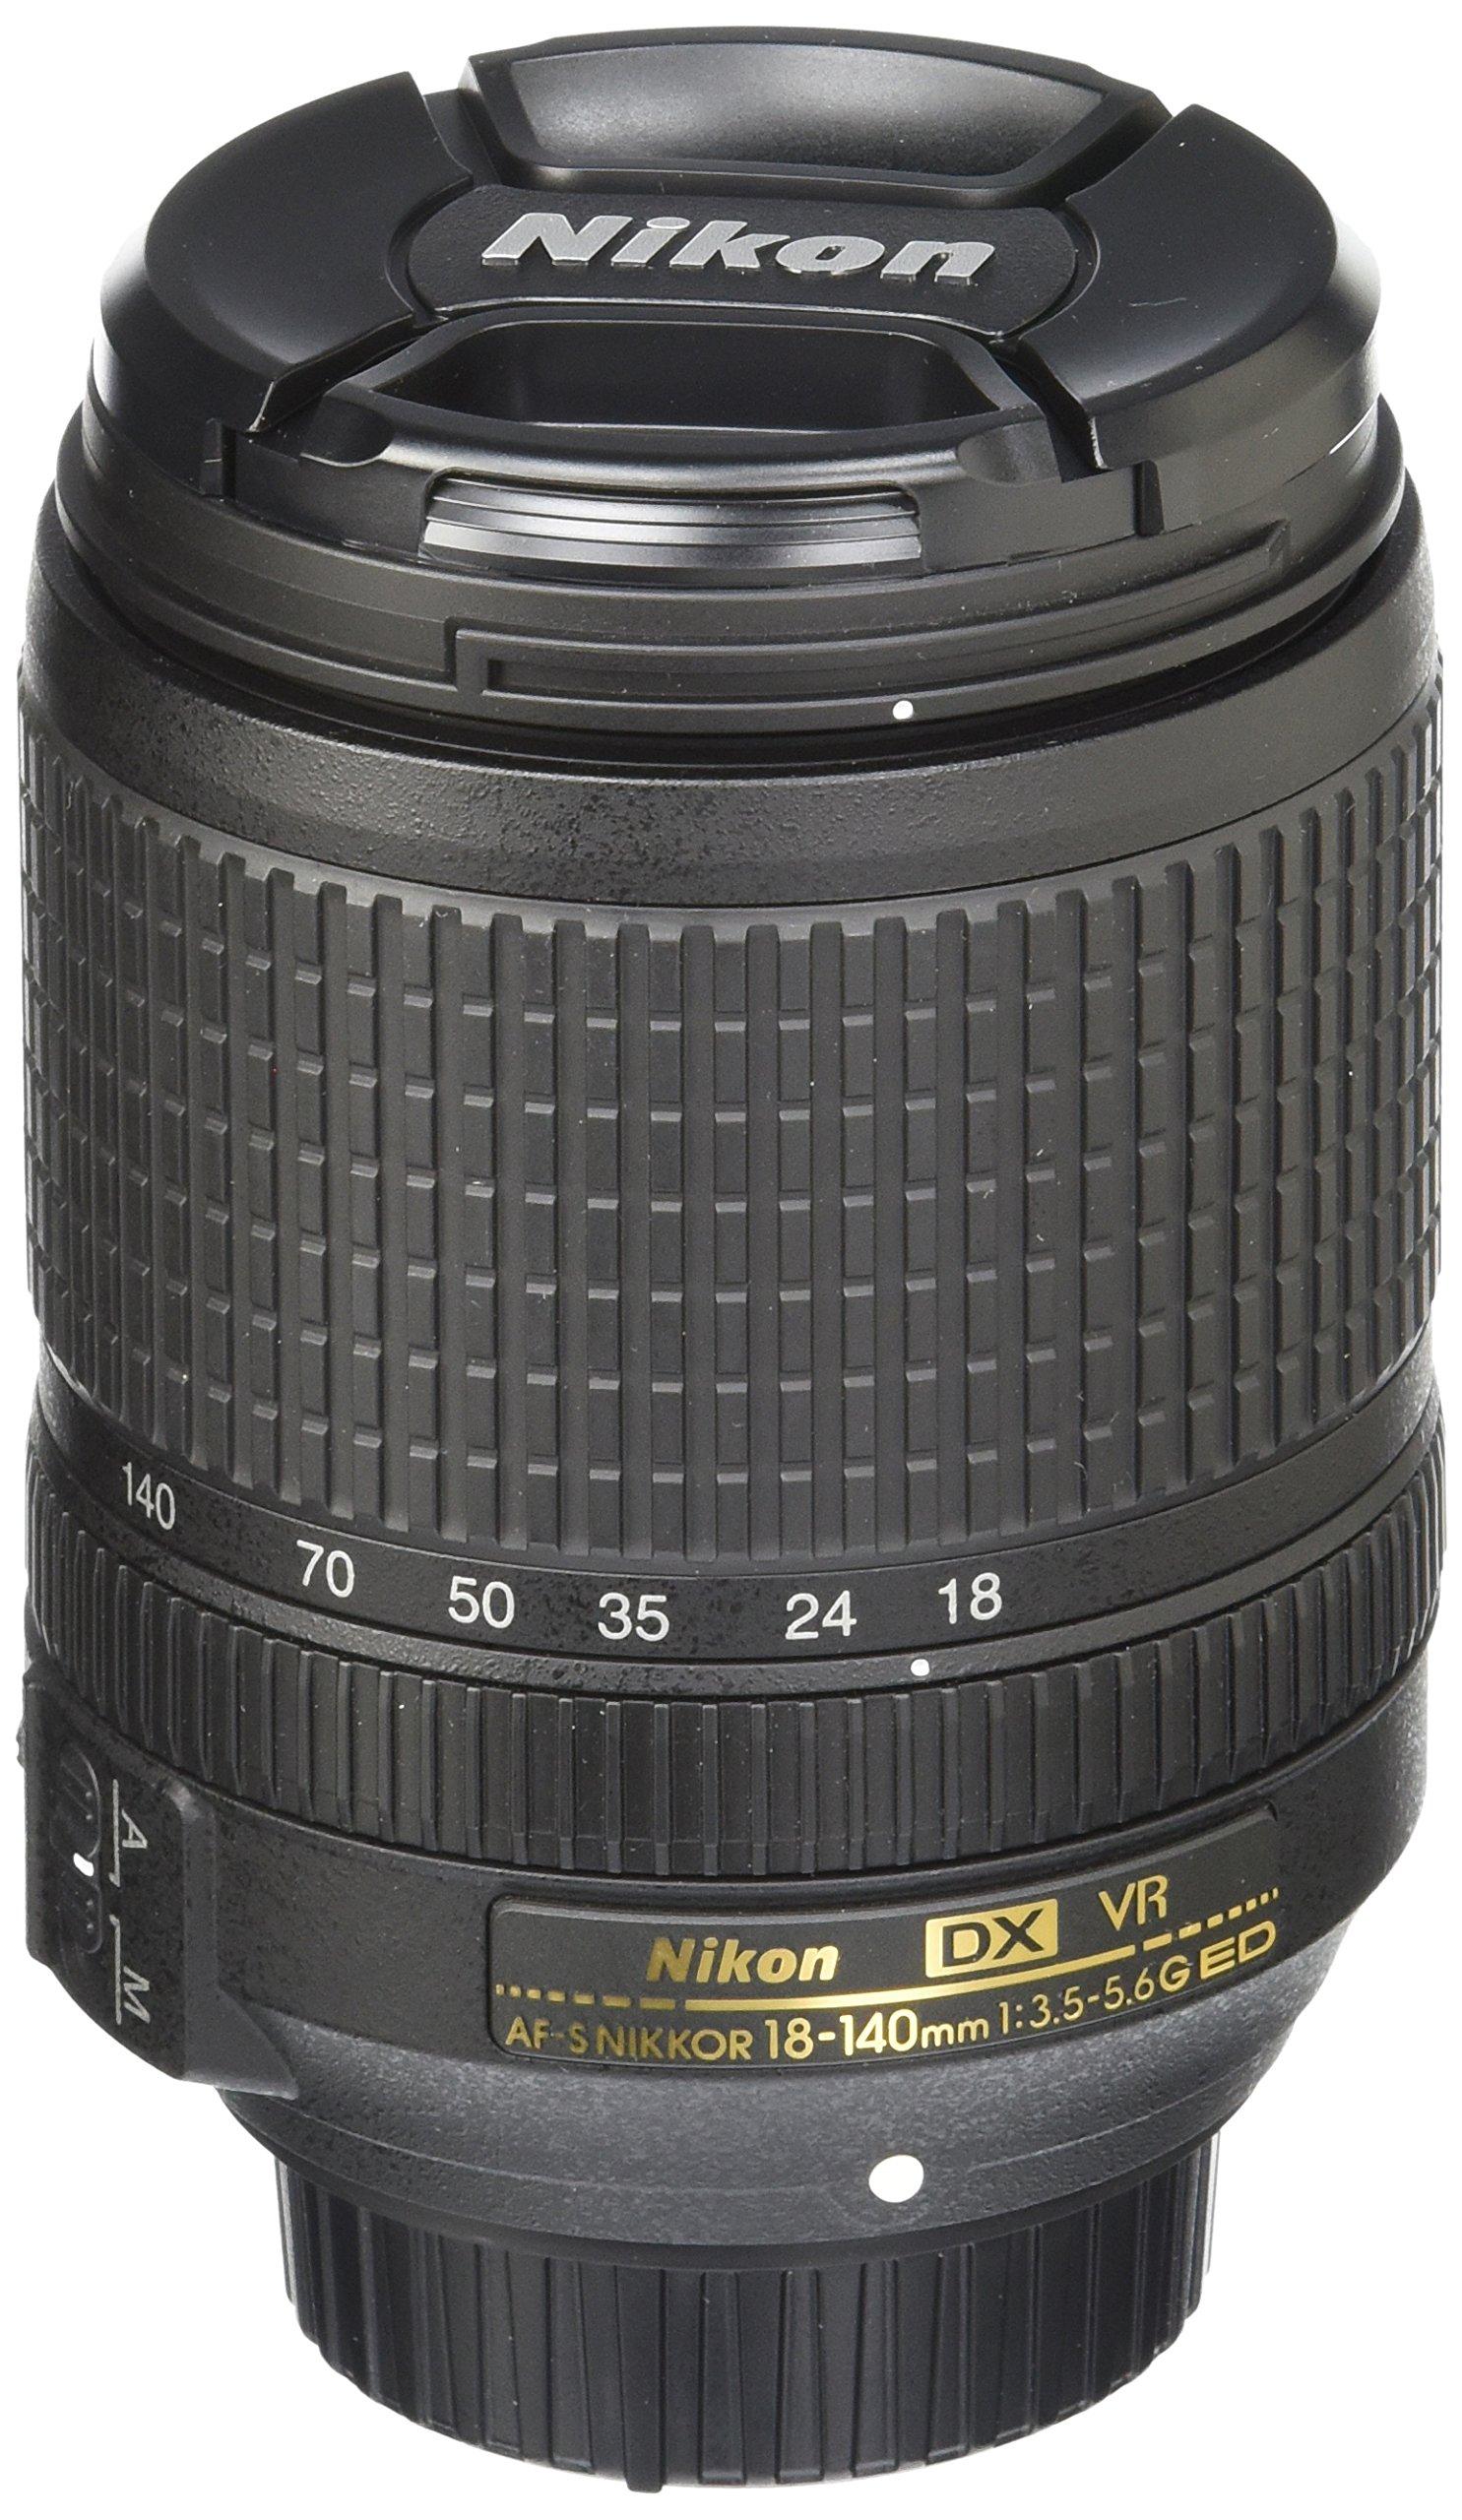 Nikon AF-S DX NIKKOR 18-140 f/3.5-5.6G ED VR